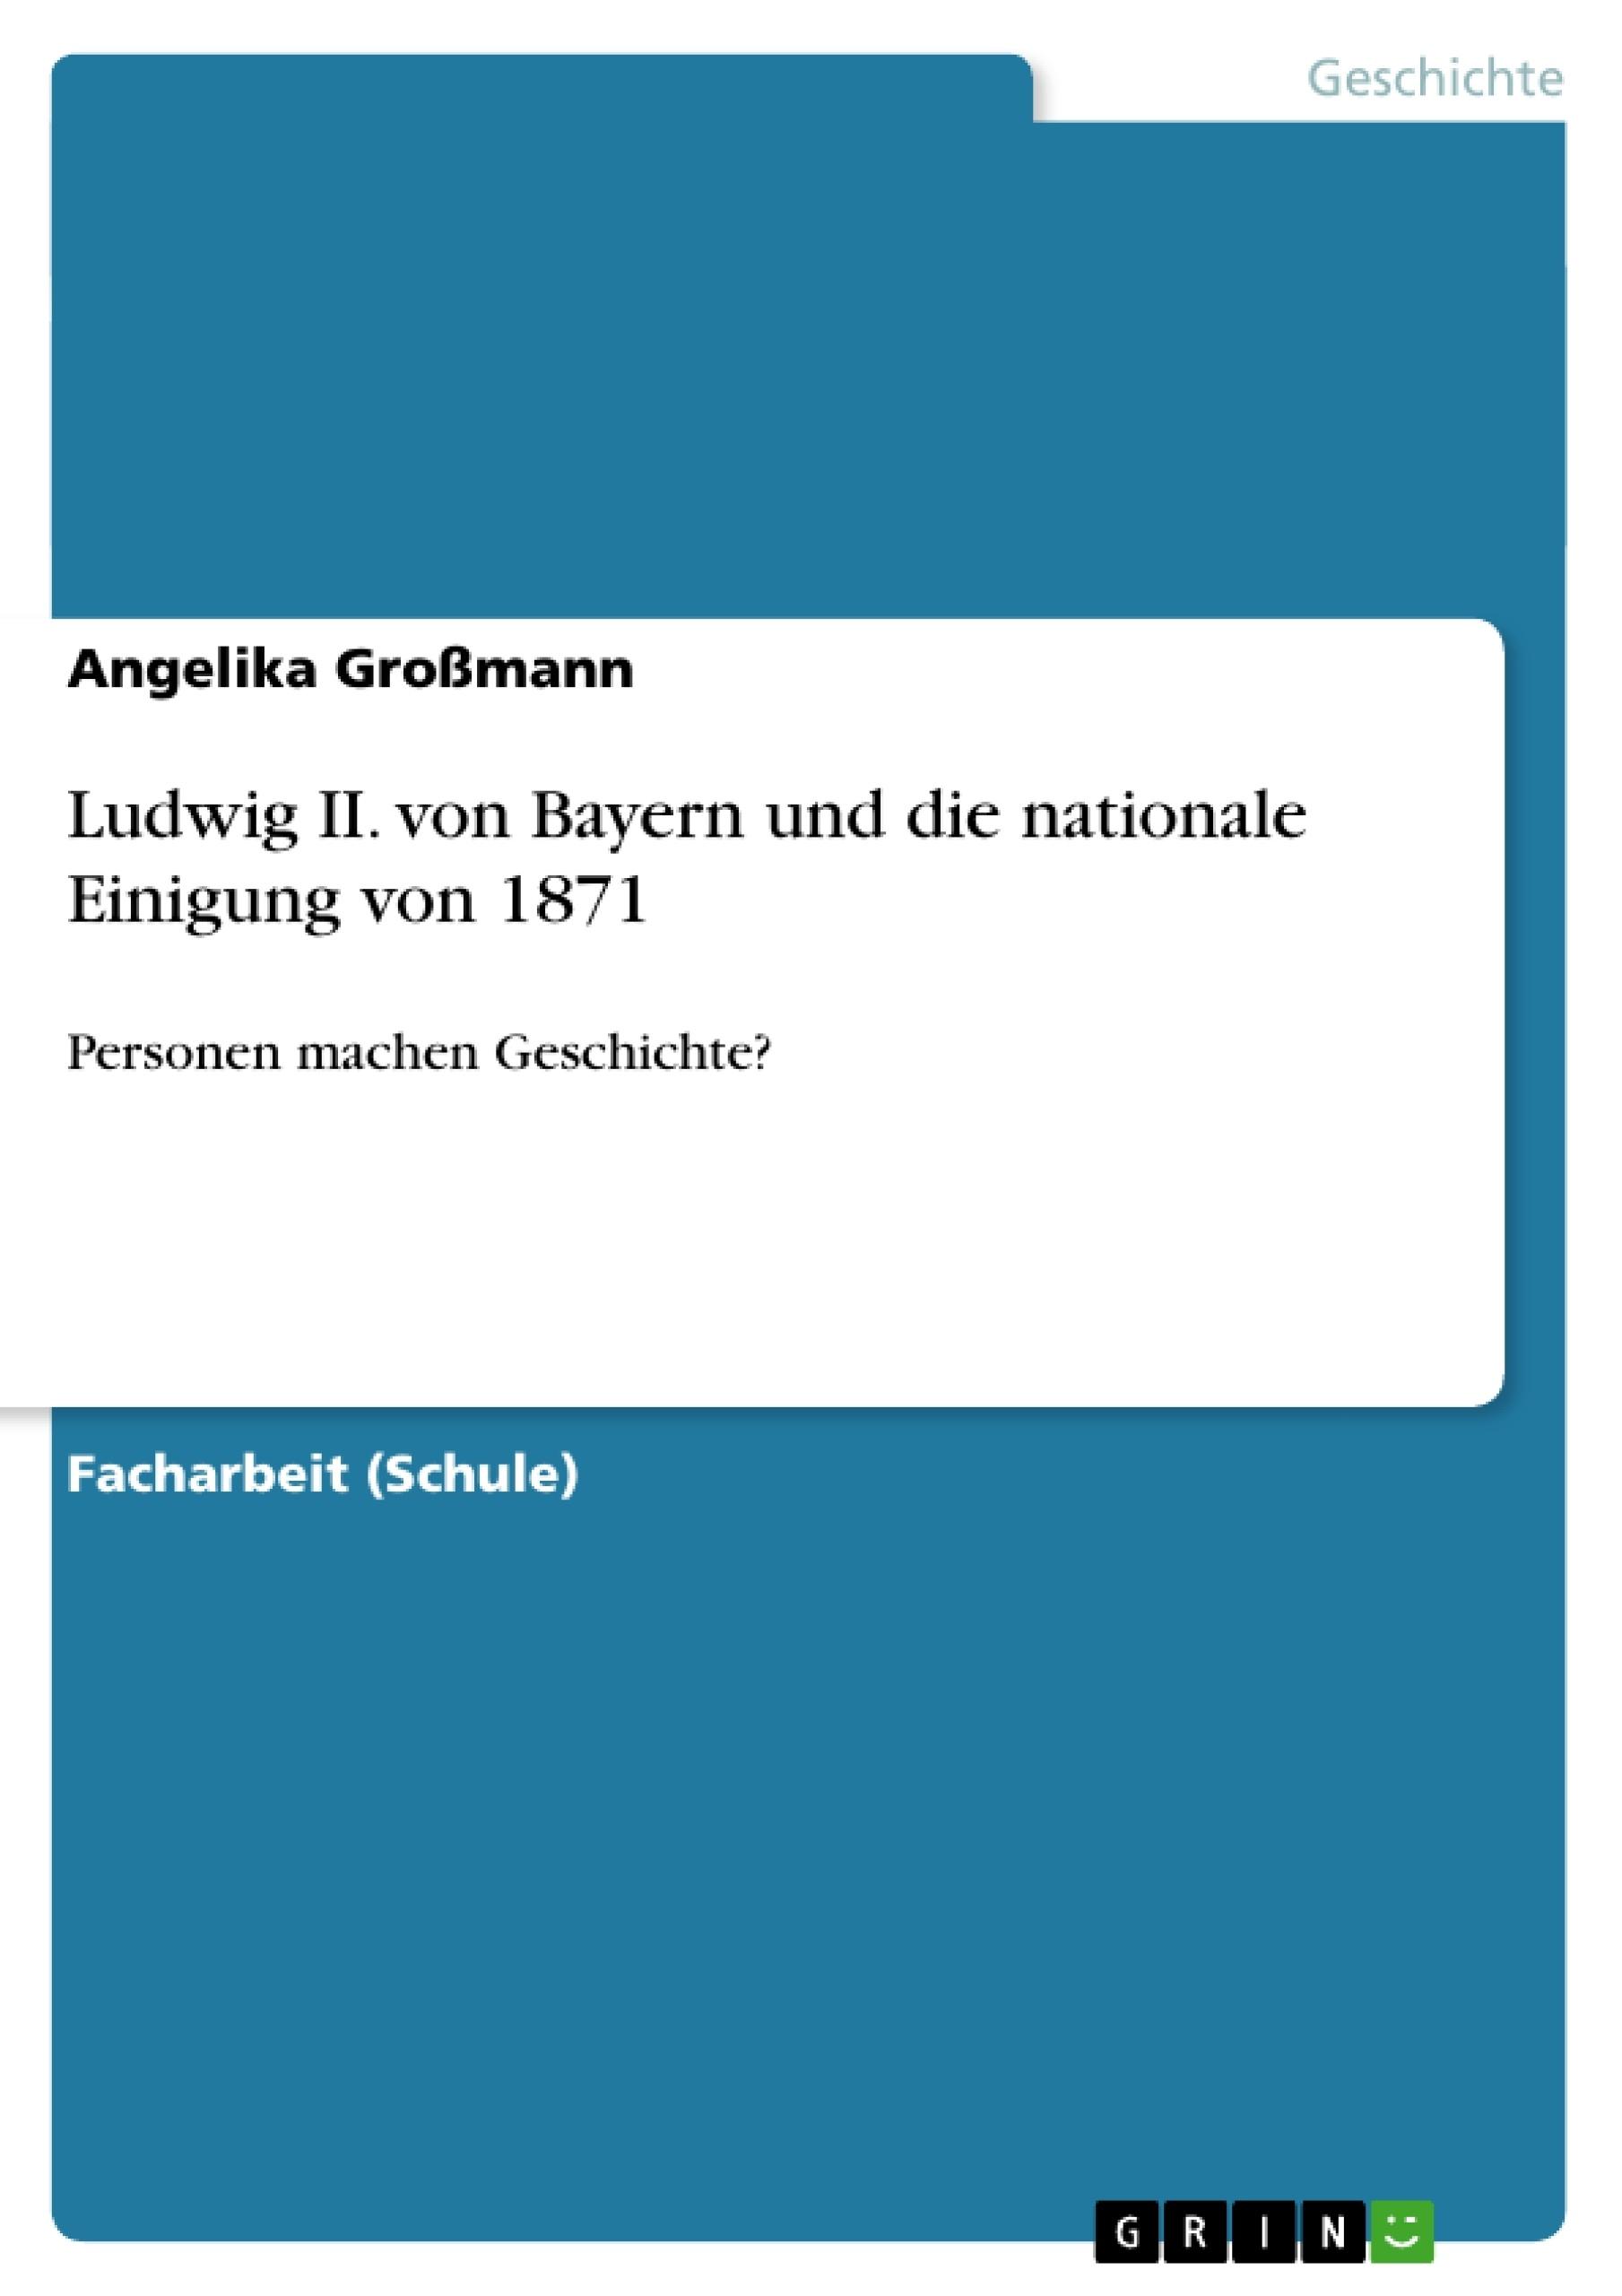 Titel: Ludwig II. von Bayern und die nationale Einigung von 1871